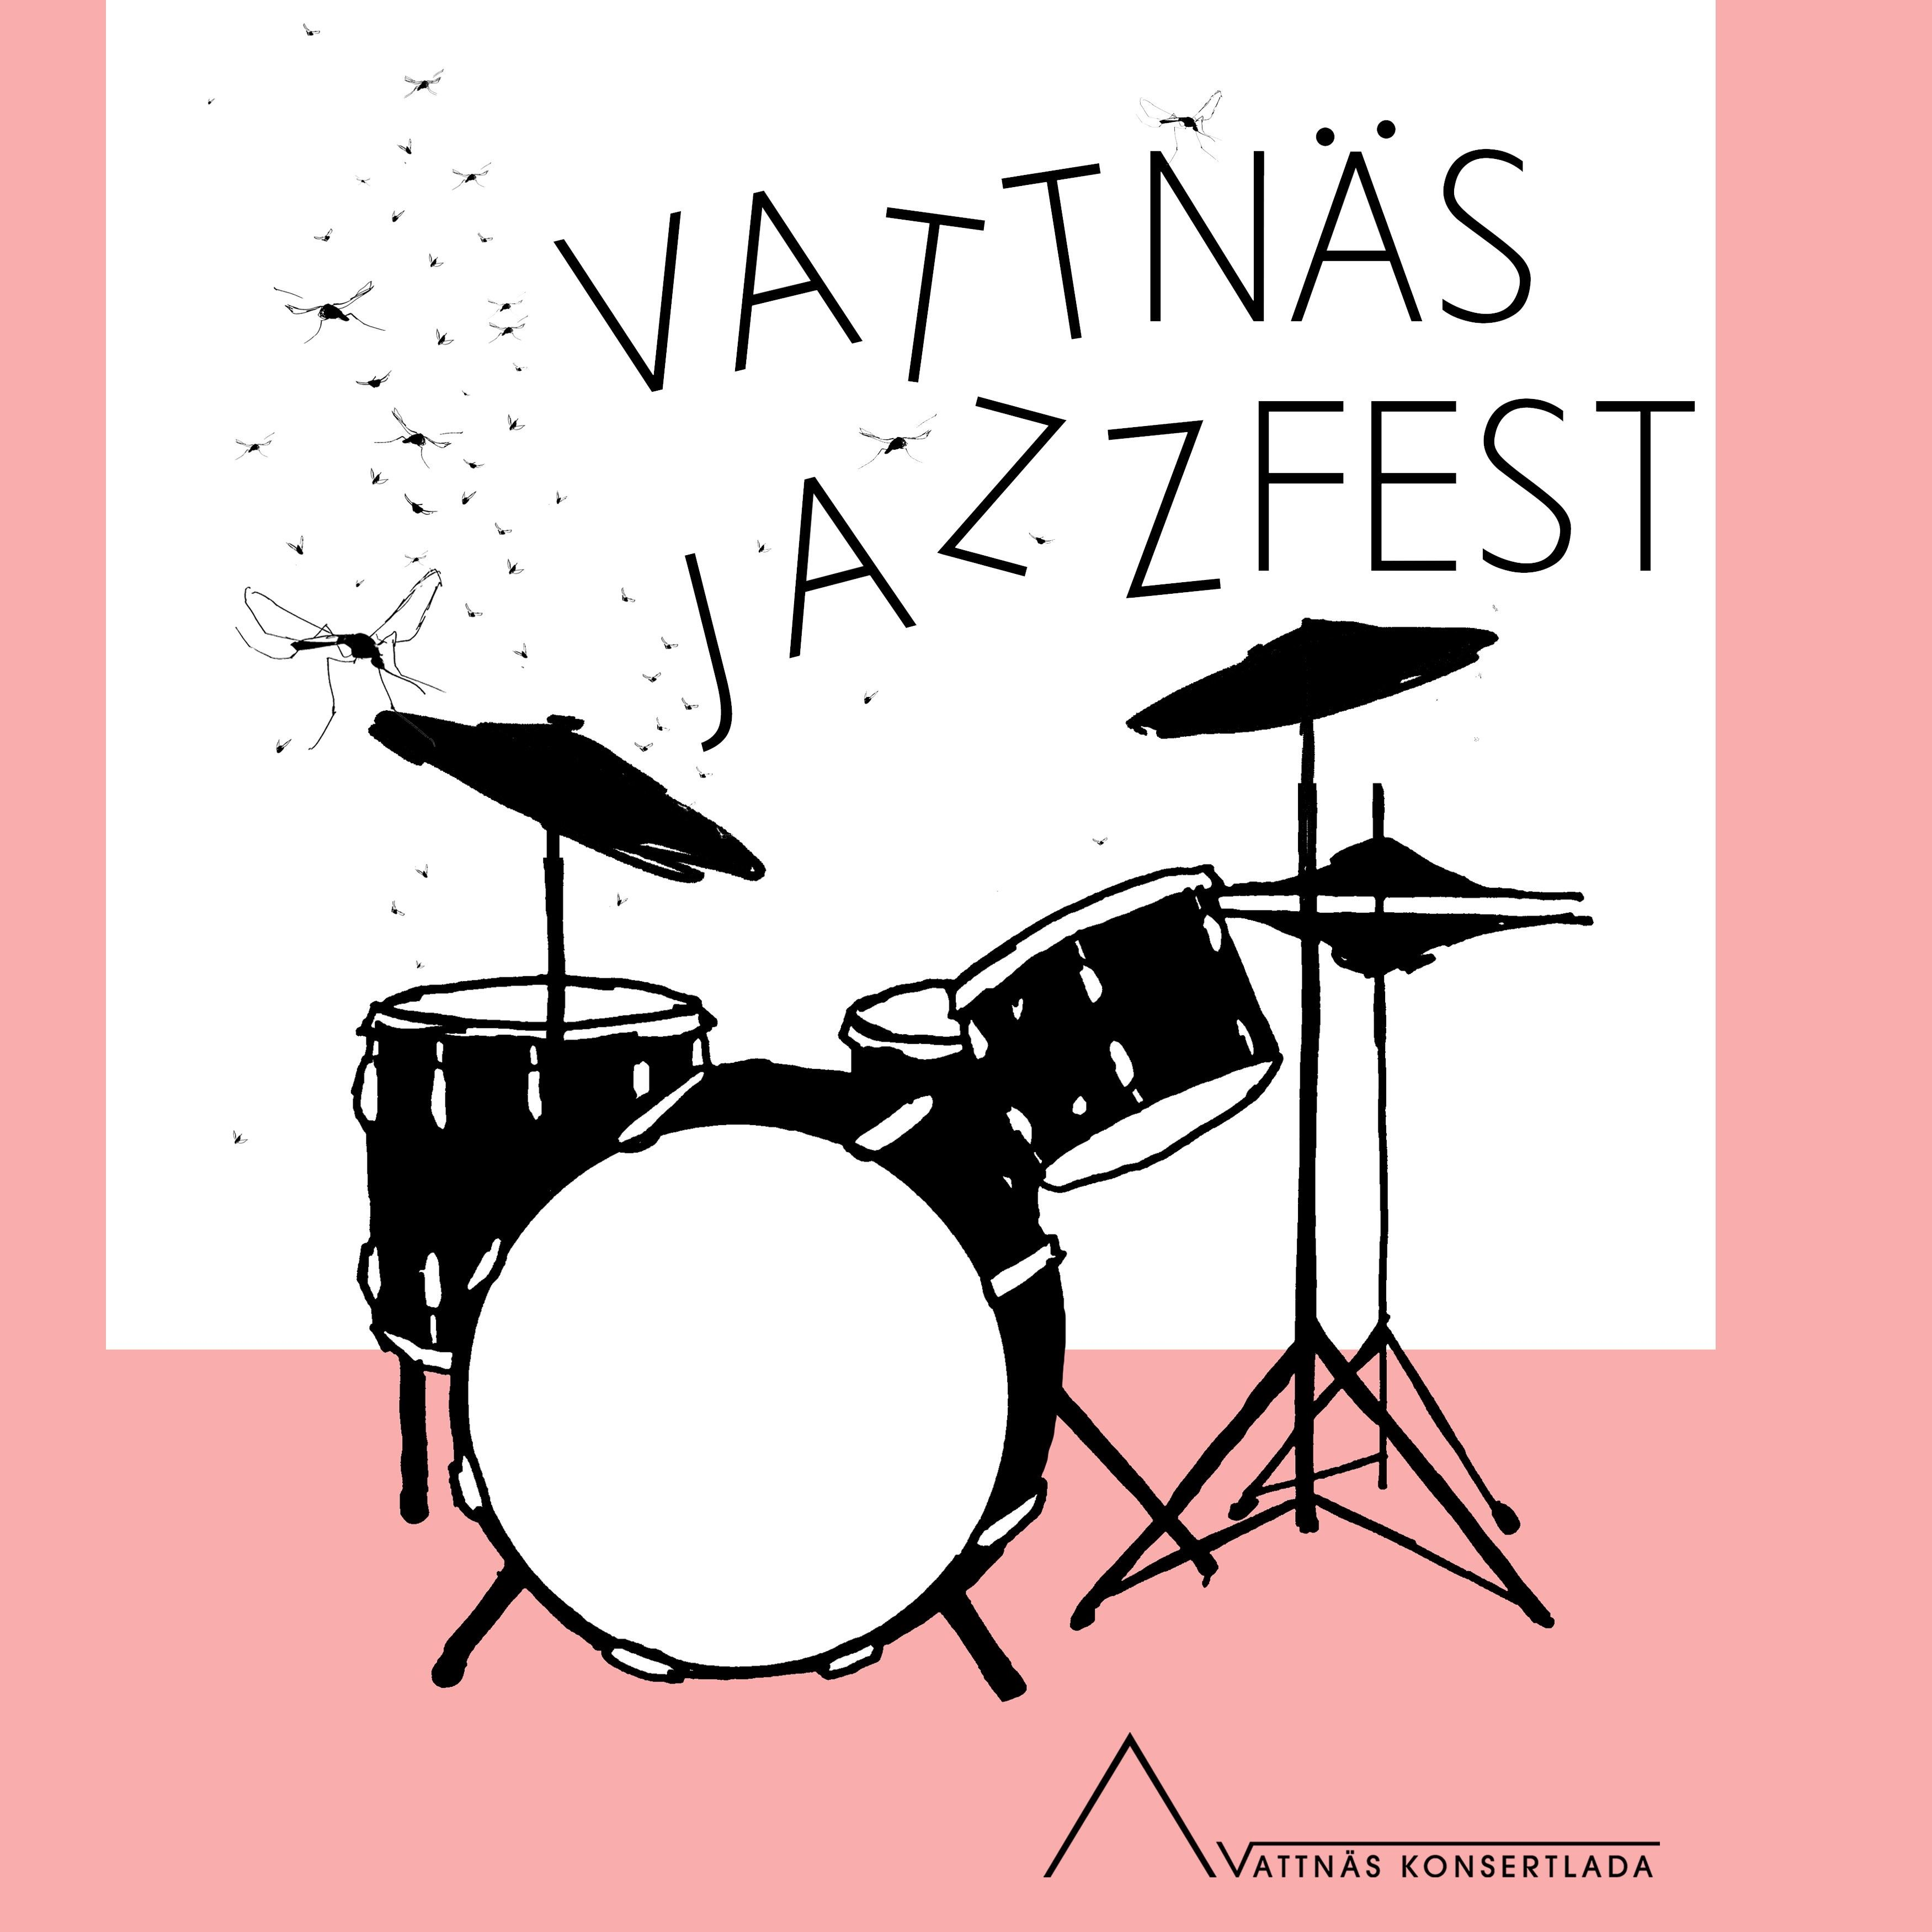 Vattnäs Jazzfest